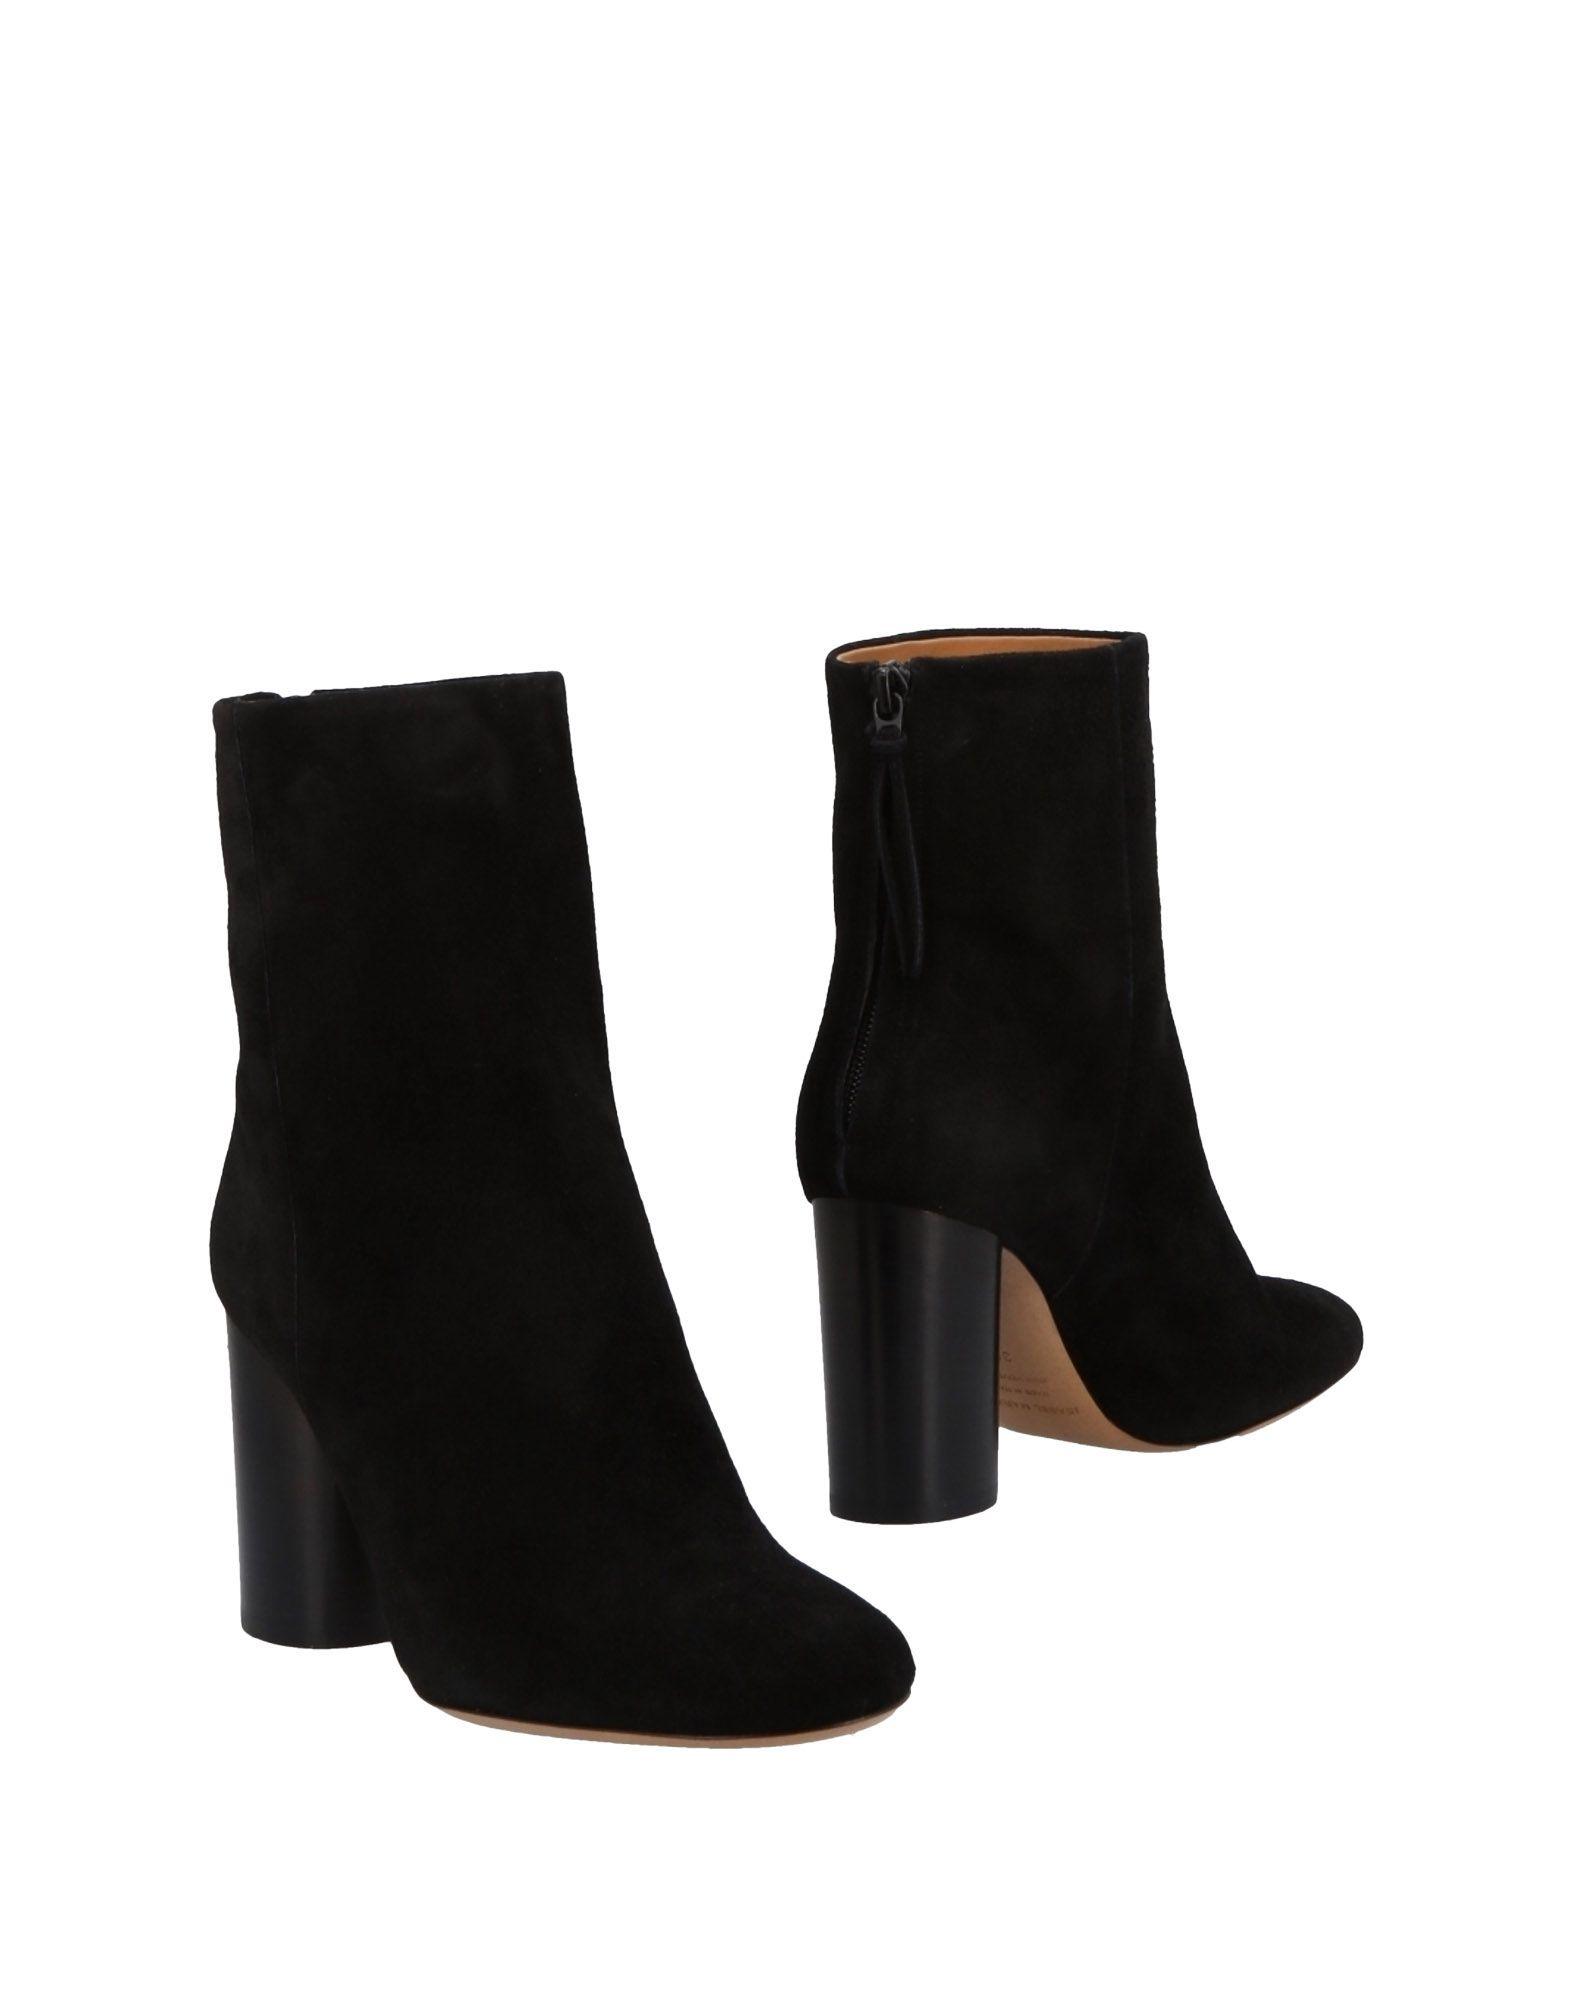 Isabel Marant Stiefelette Damen  11481326IUGünstige gut aussehende Schuhe